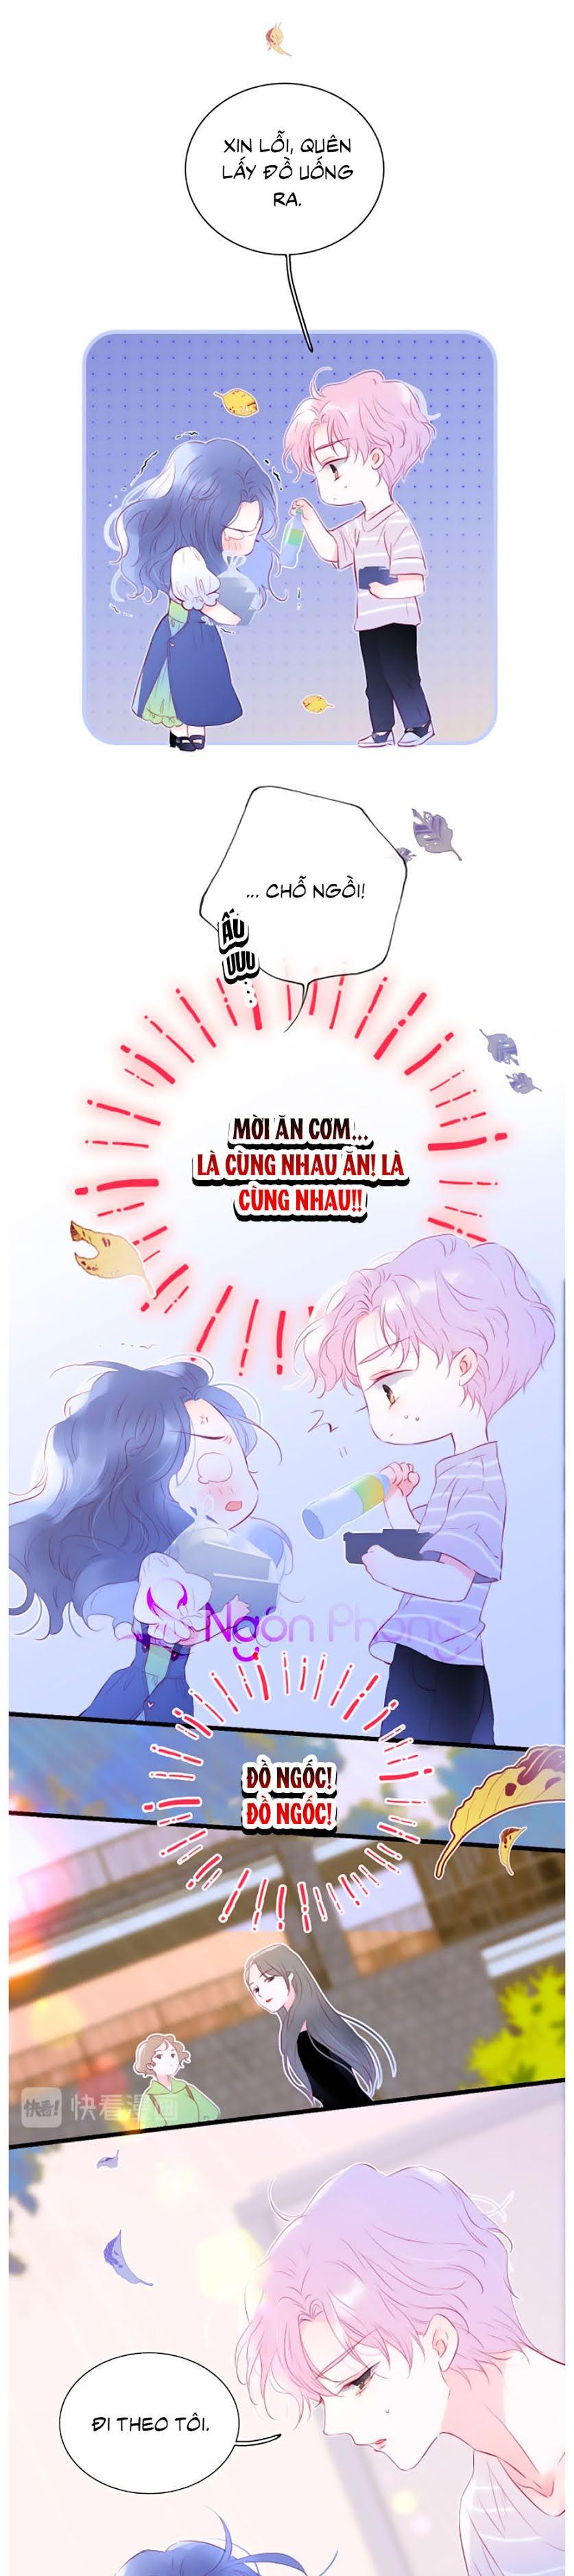 Hoa Bỏ Chạy Với Nhím Rồi  Chapter 9 - upload bởi truyensieuhay.com